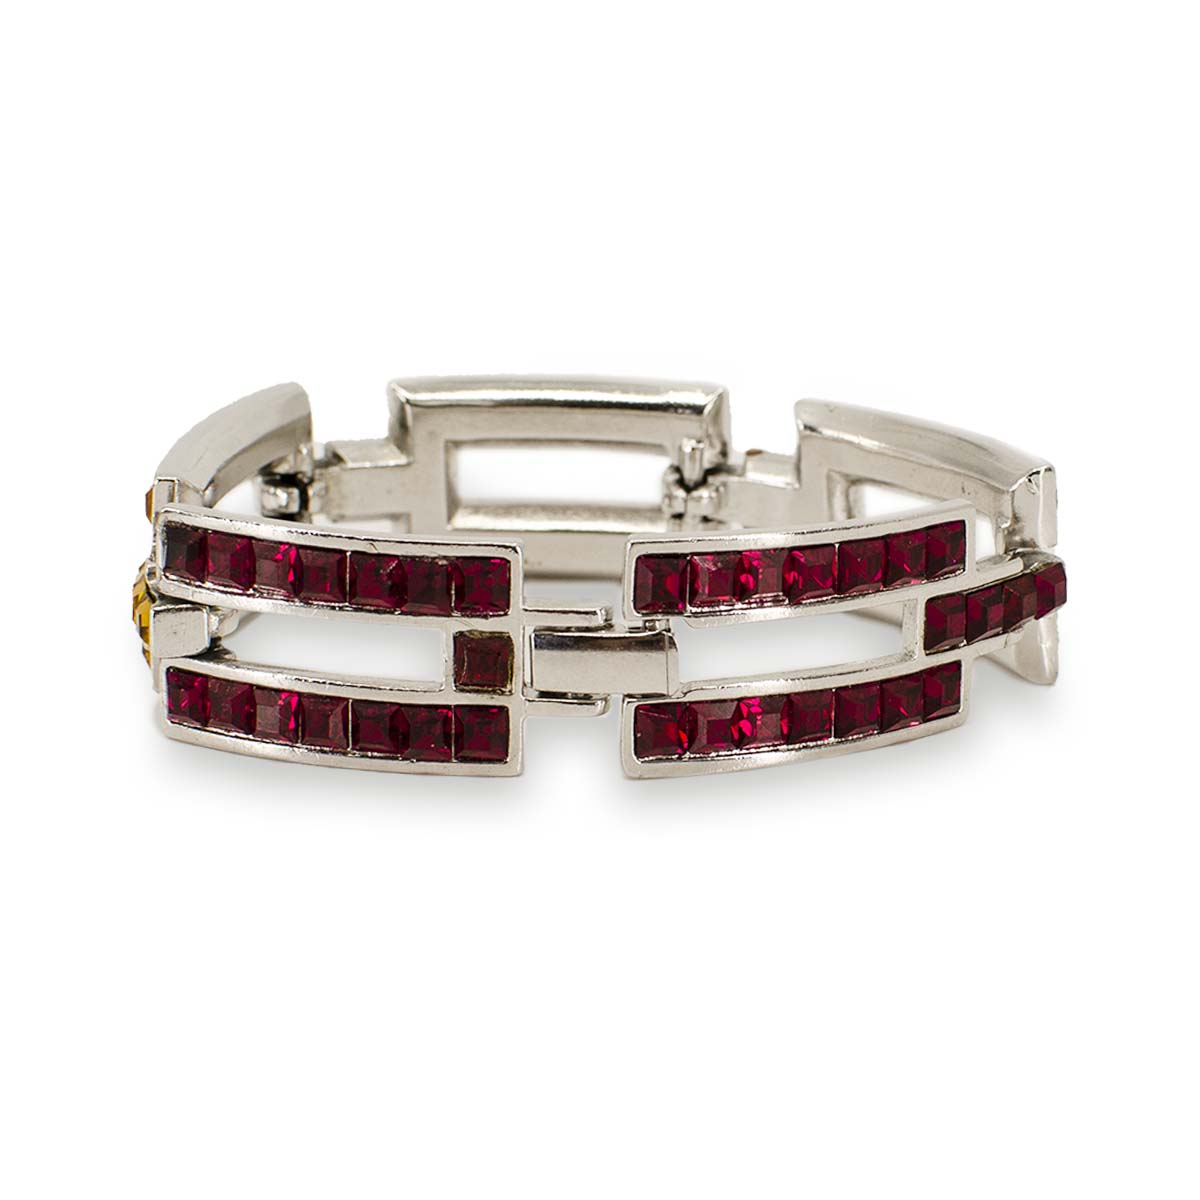 YSL Link Bracelet, Yves Saint Laurent Crystals